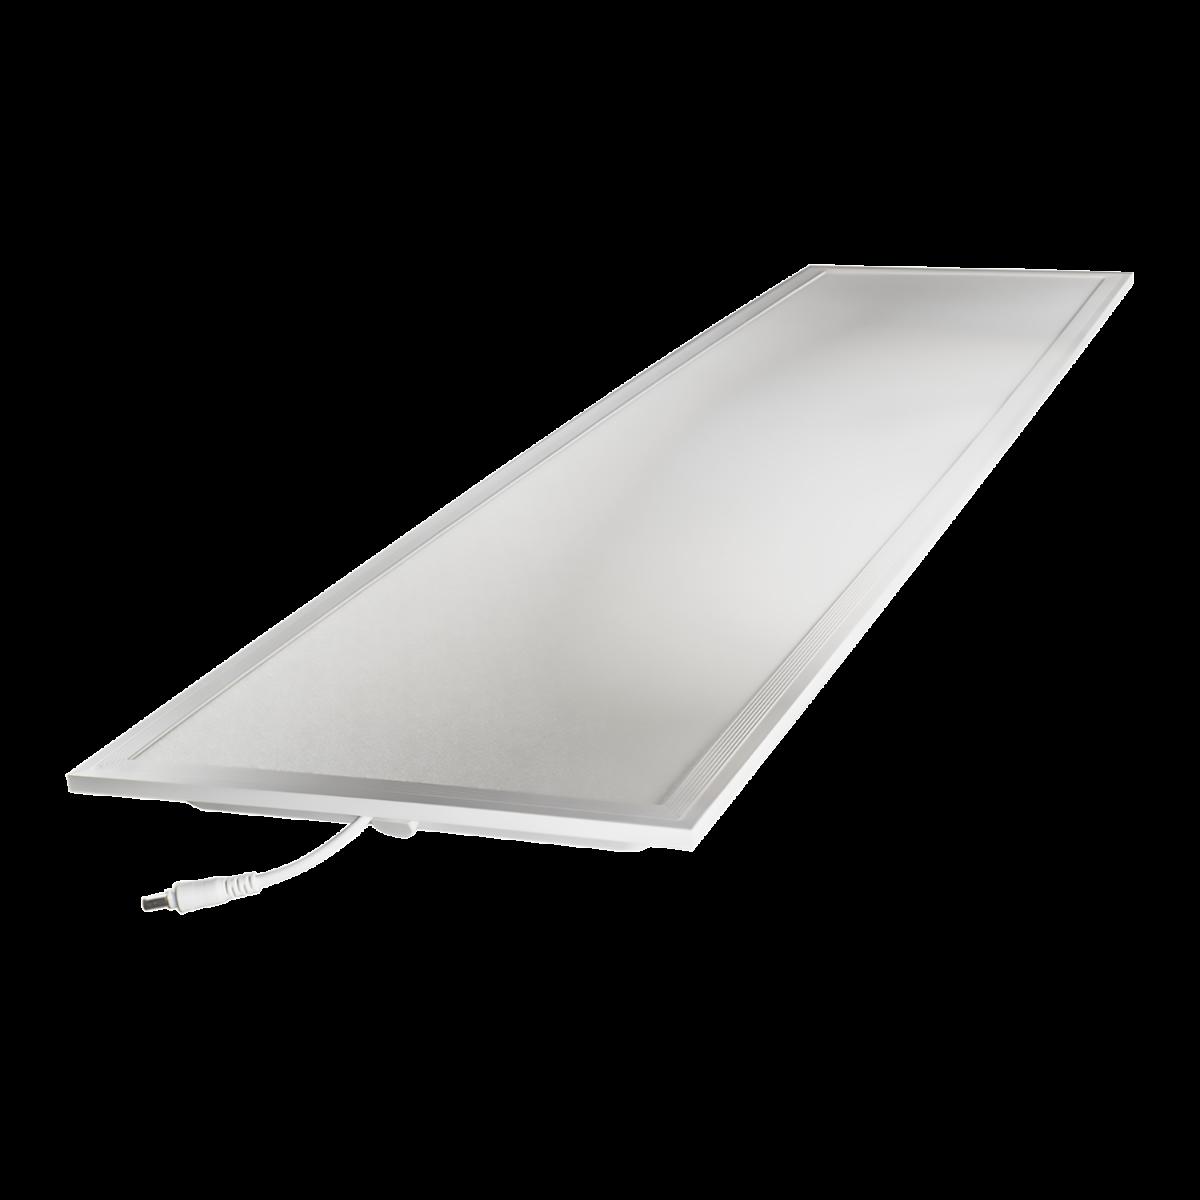 Noxion LED Paneel Delta Pro Highlum V2.0 40W 30x120cm 6500K 5480lm UGR <19   Vervanger voor 2x36W